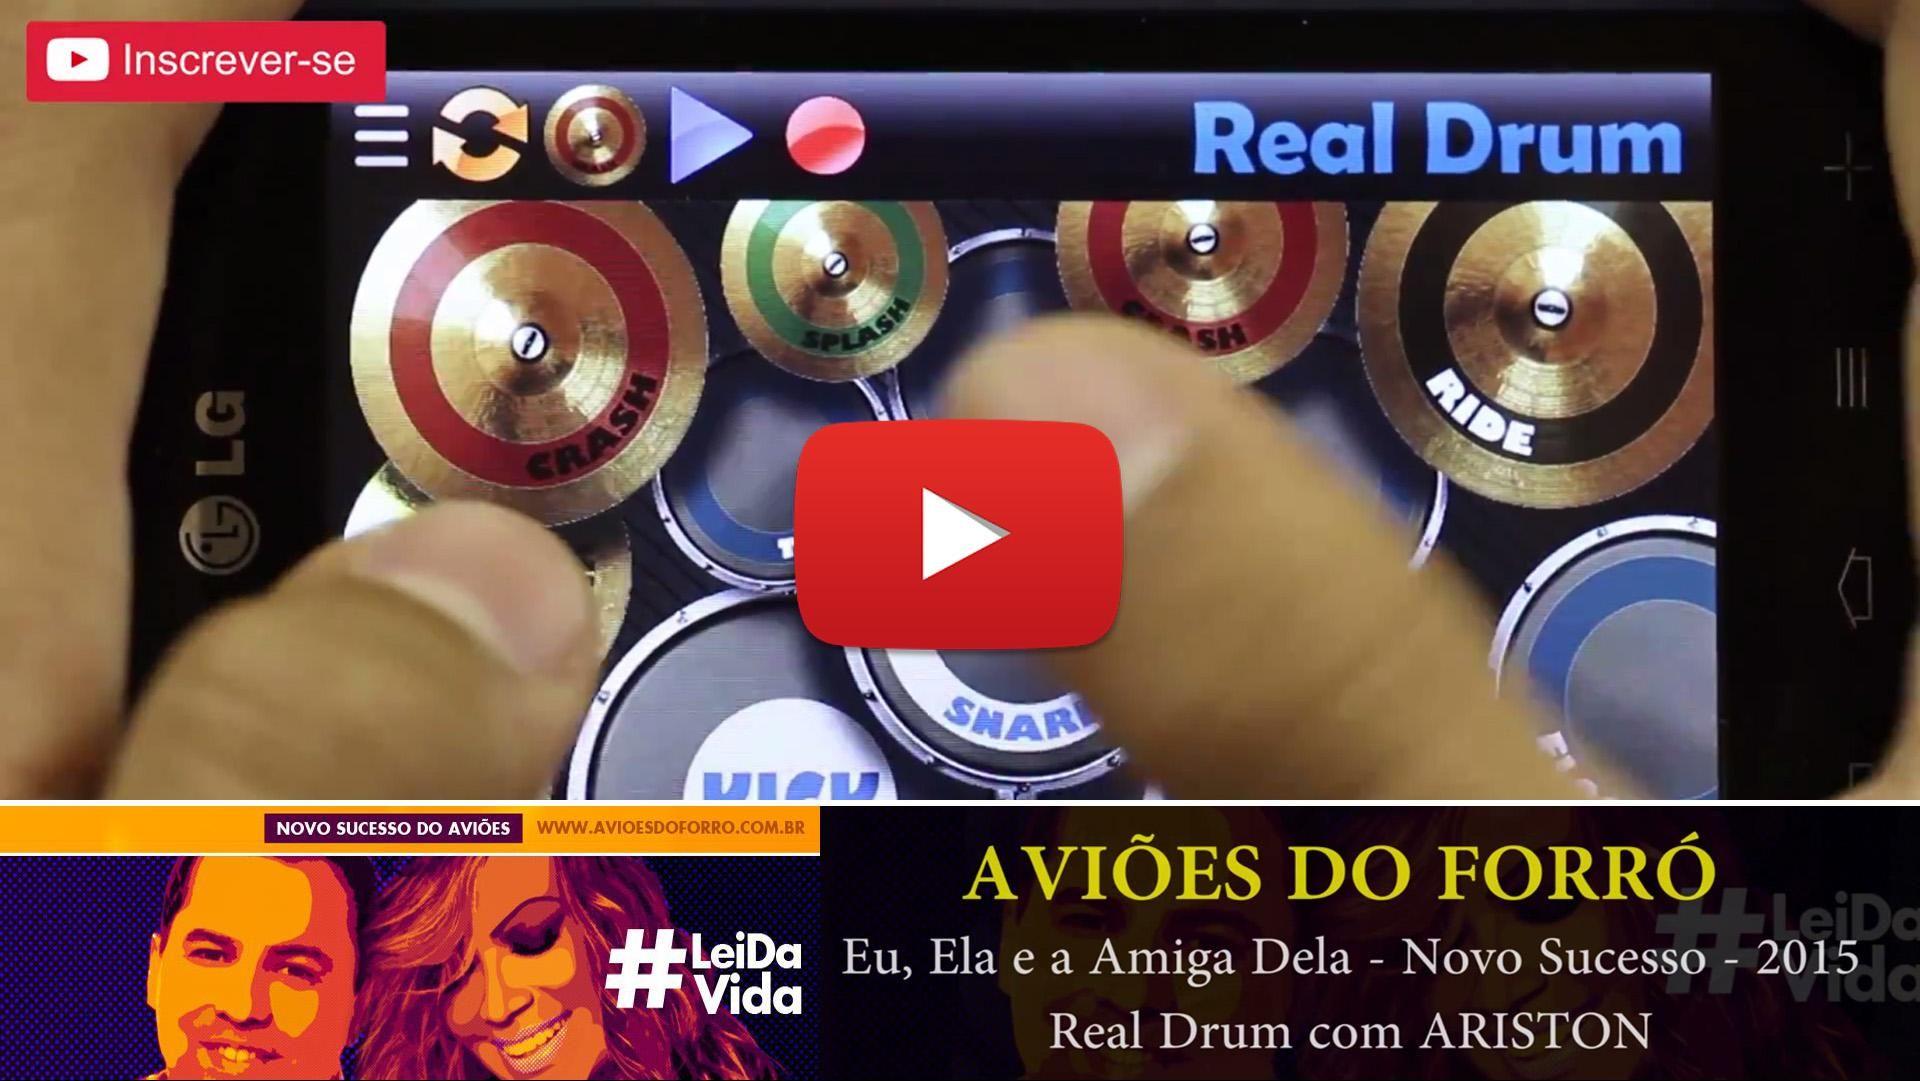 Real Drum, Aviões do forró, Eu, Ela e a Amiga Dela - Novo Sucesso - 2015